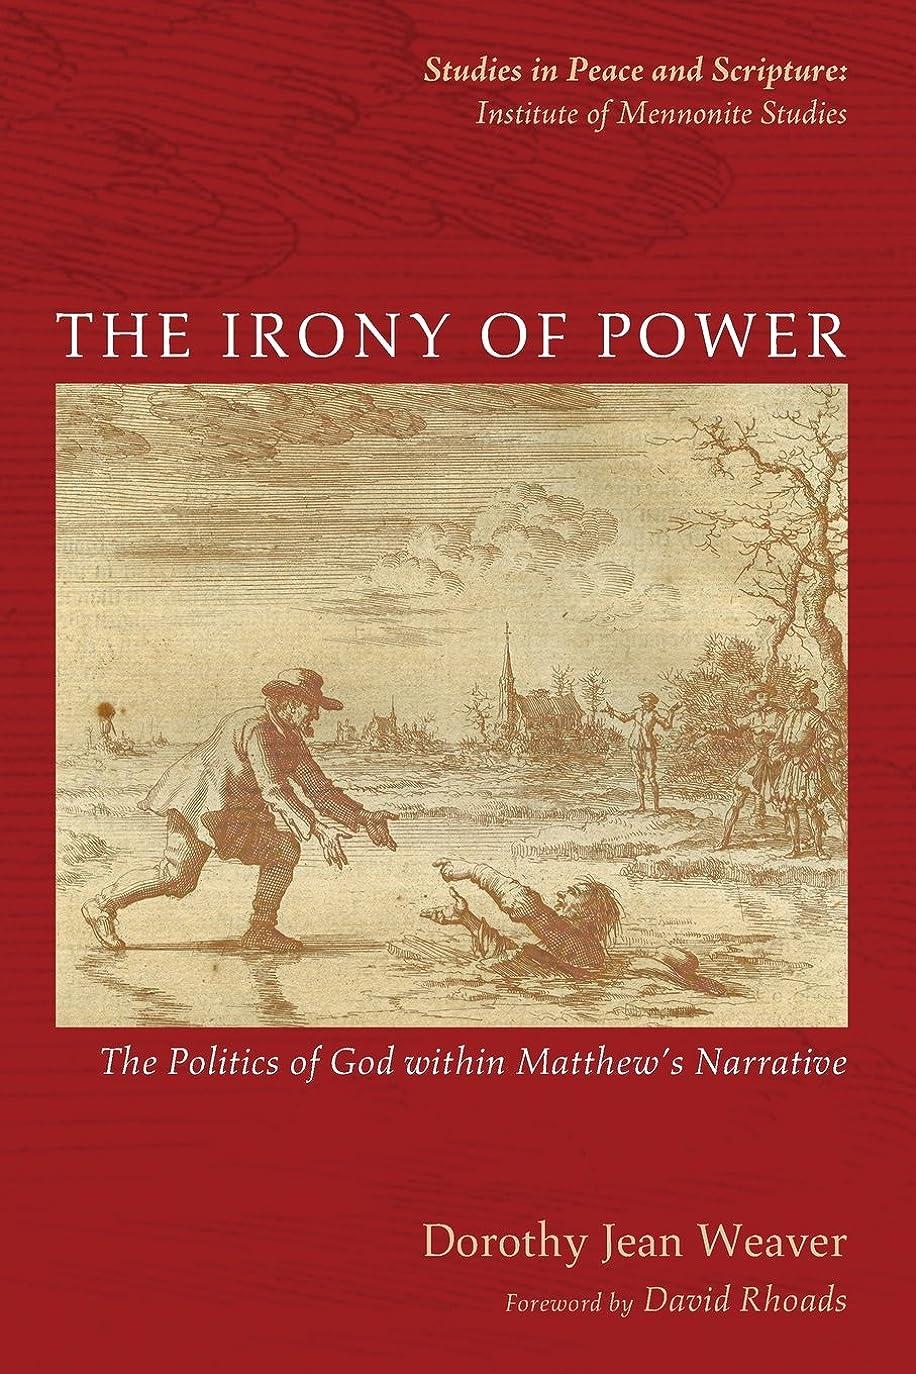 不十分な恐怖充実The Irony of Power: The Politics of God Within Matthew's Narrative (Studies in Peace and Scripture: Institute of Mennonite Studies)